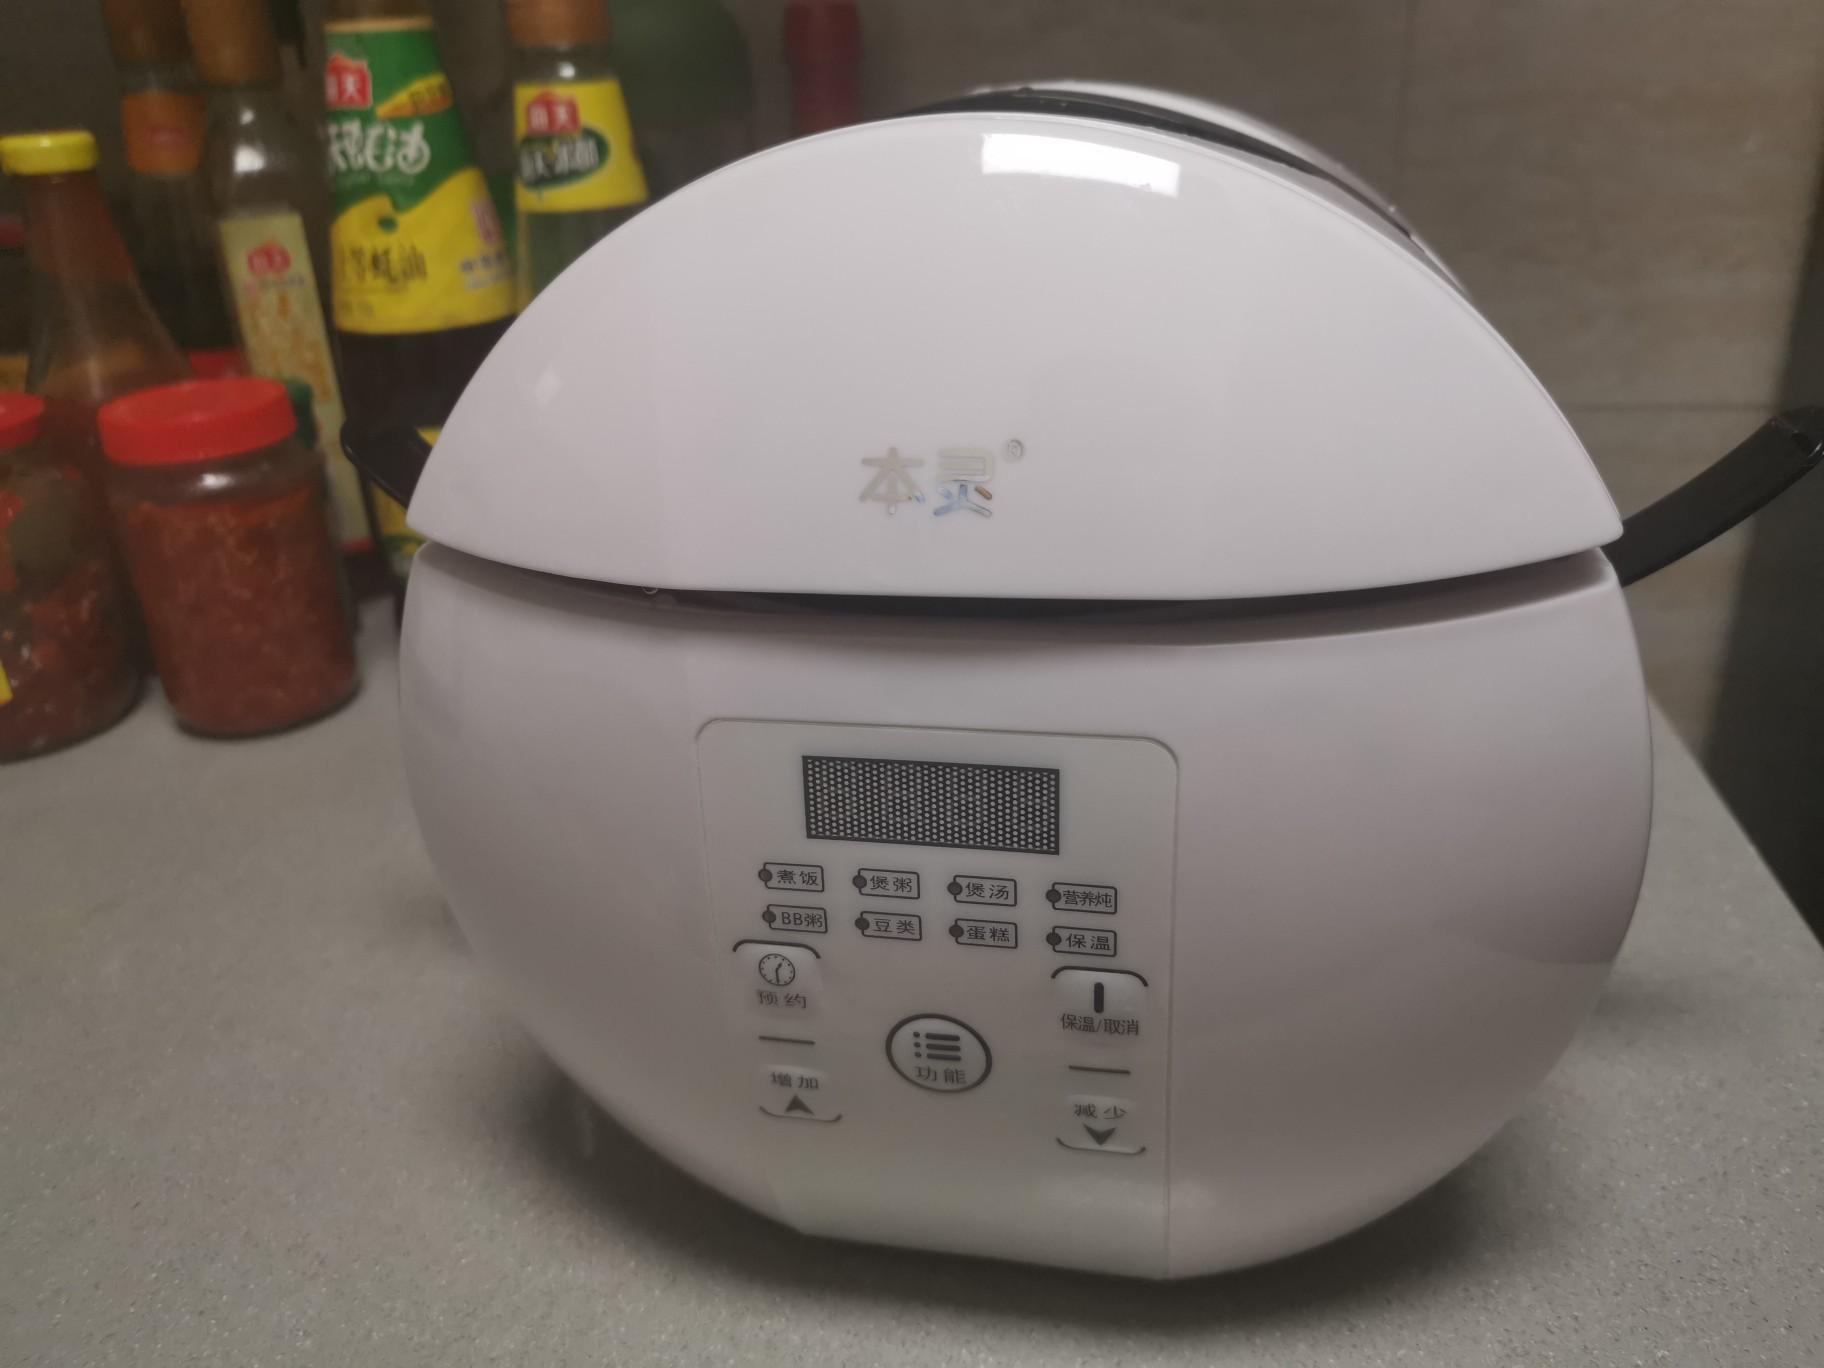 本灵GL166电饭煲,电饭锅怎么样?真的靠谱吗?到底好不好?